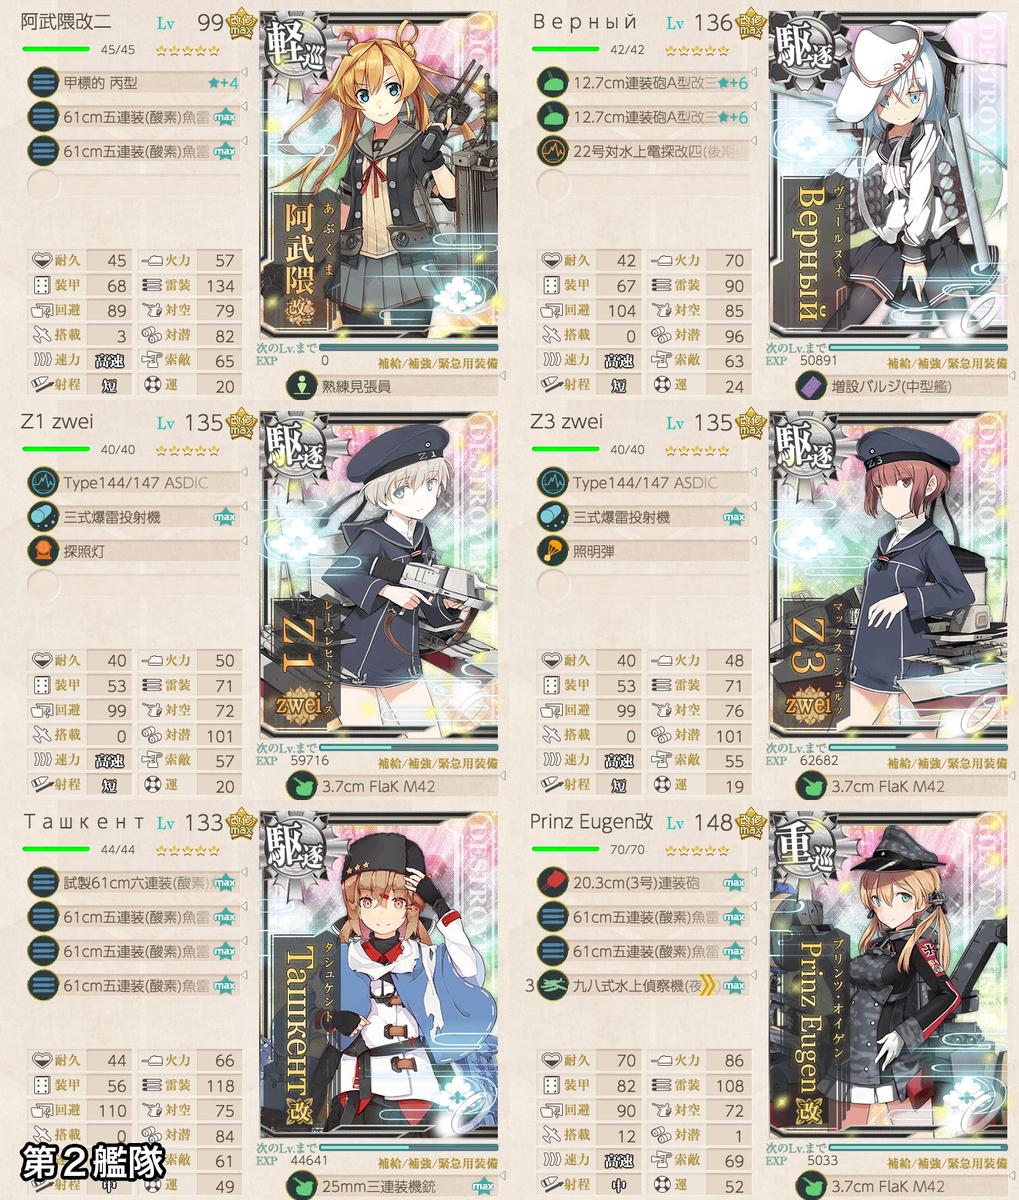 f:id:nameless_admiral:20210101152759j:plain